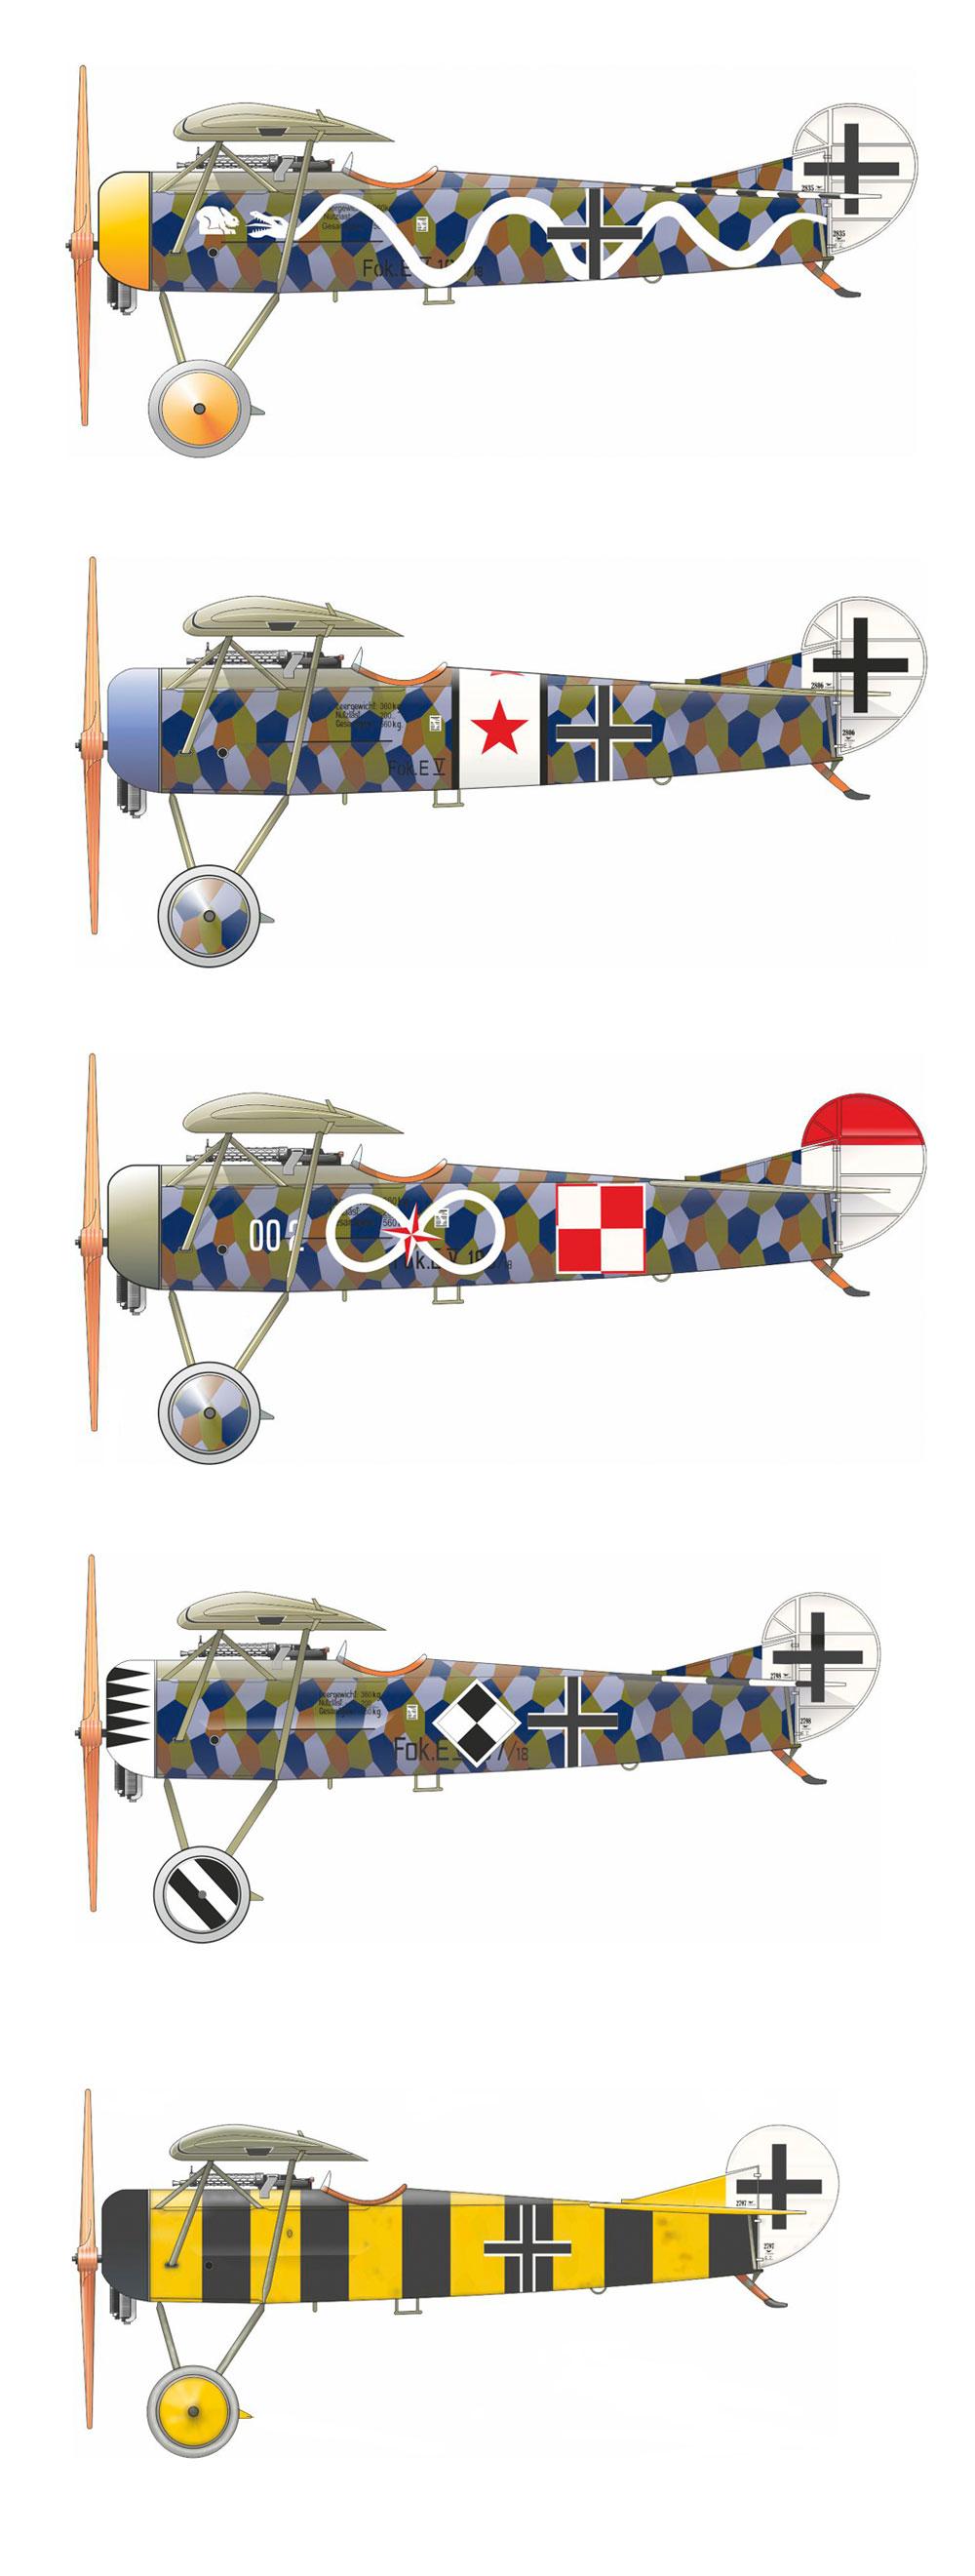 フォッカー D.8プラモデル(エデュアルド1/48 プロフィパックNo.8085)商品画像_2